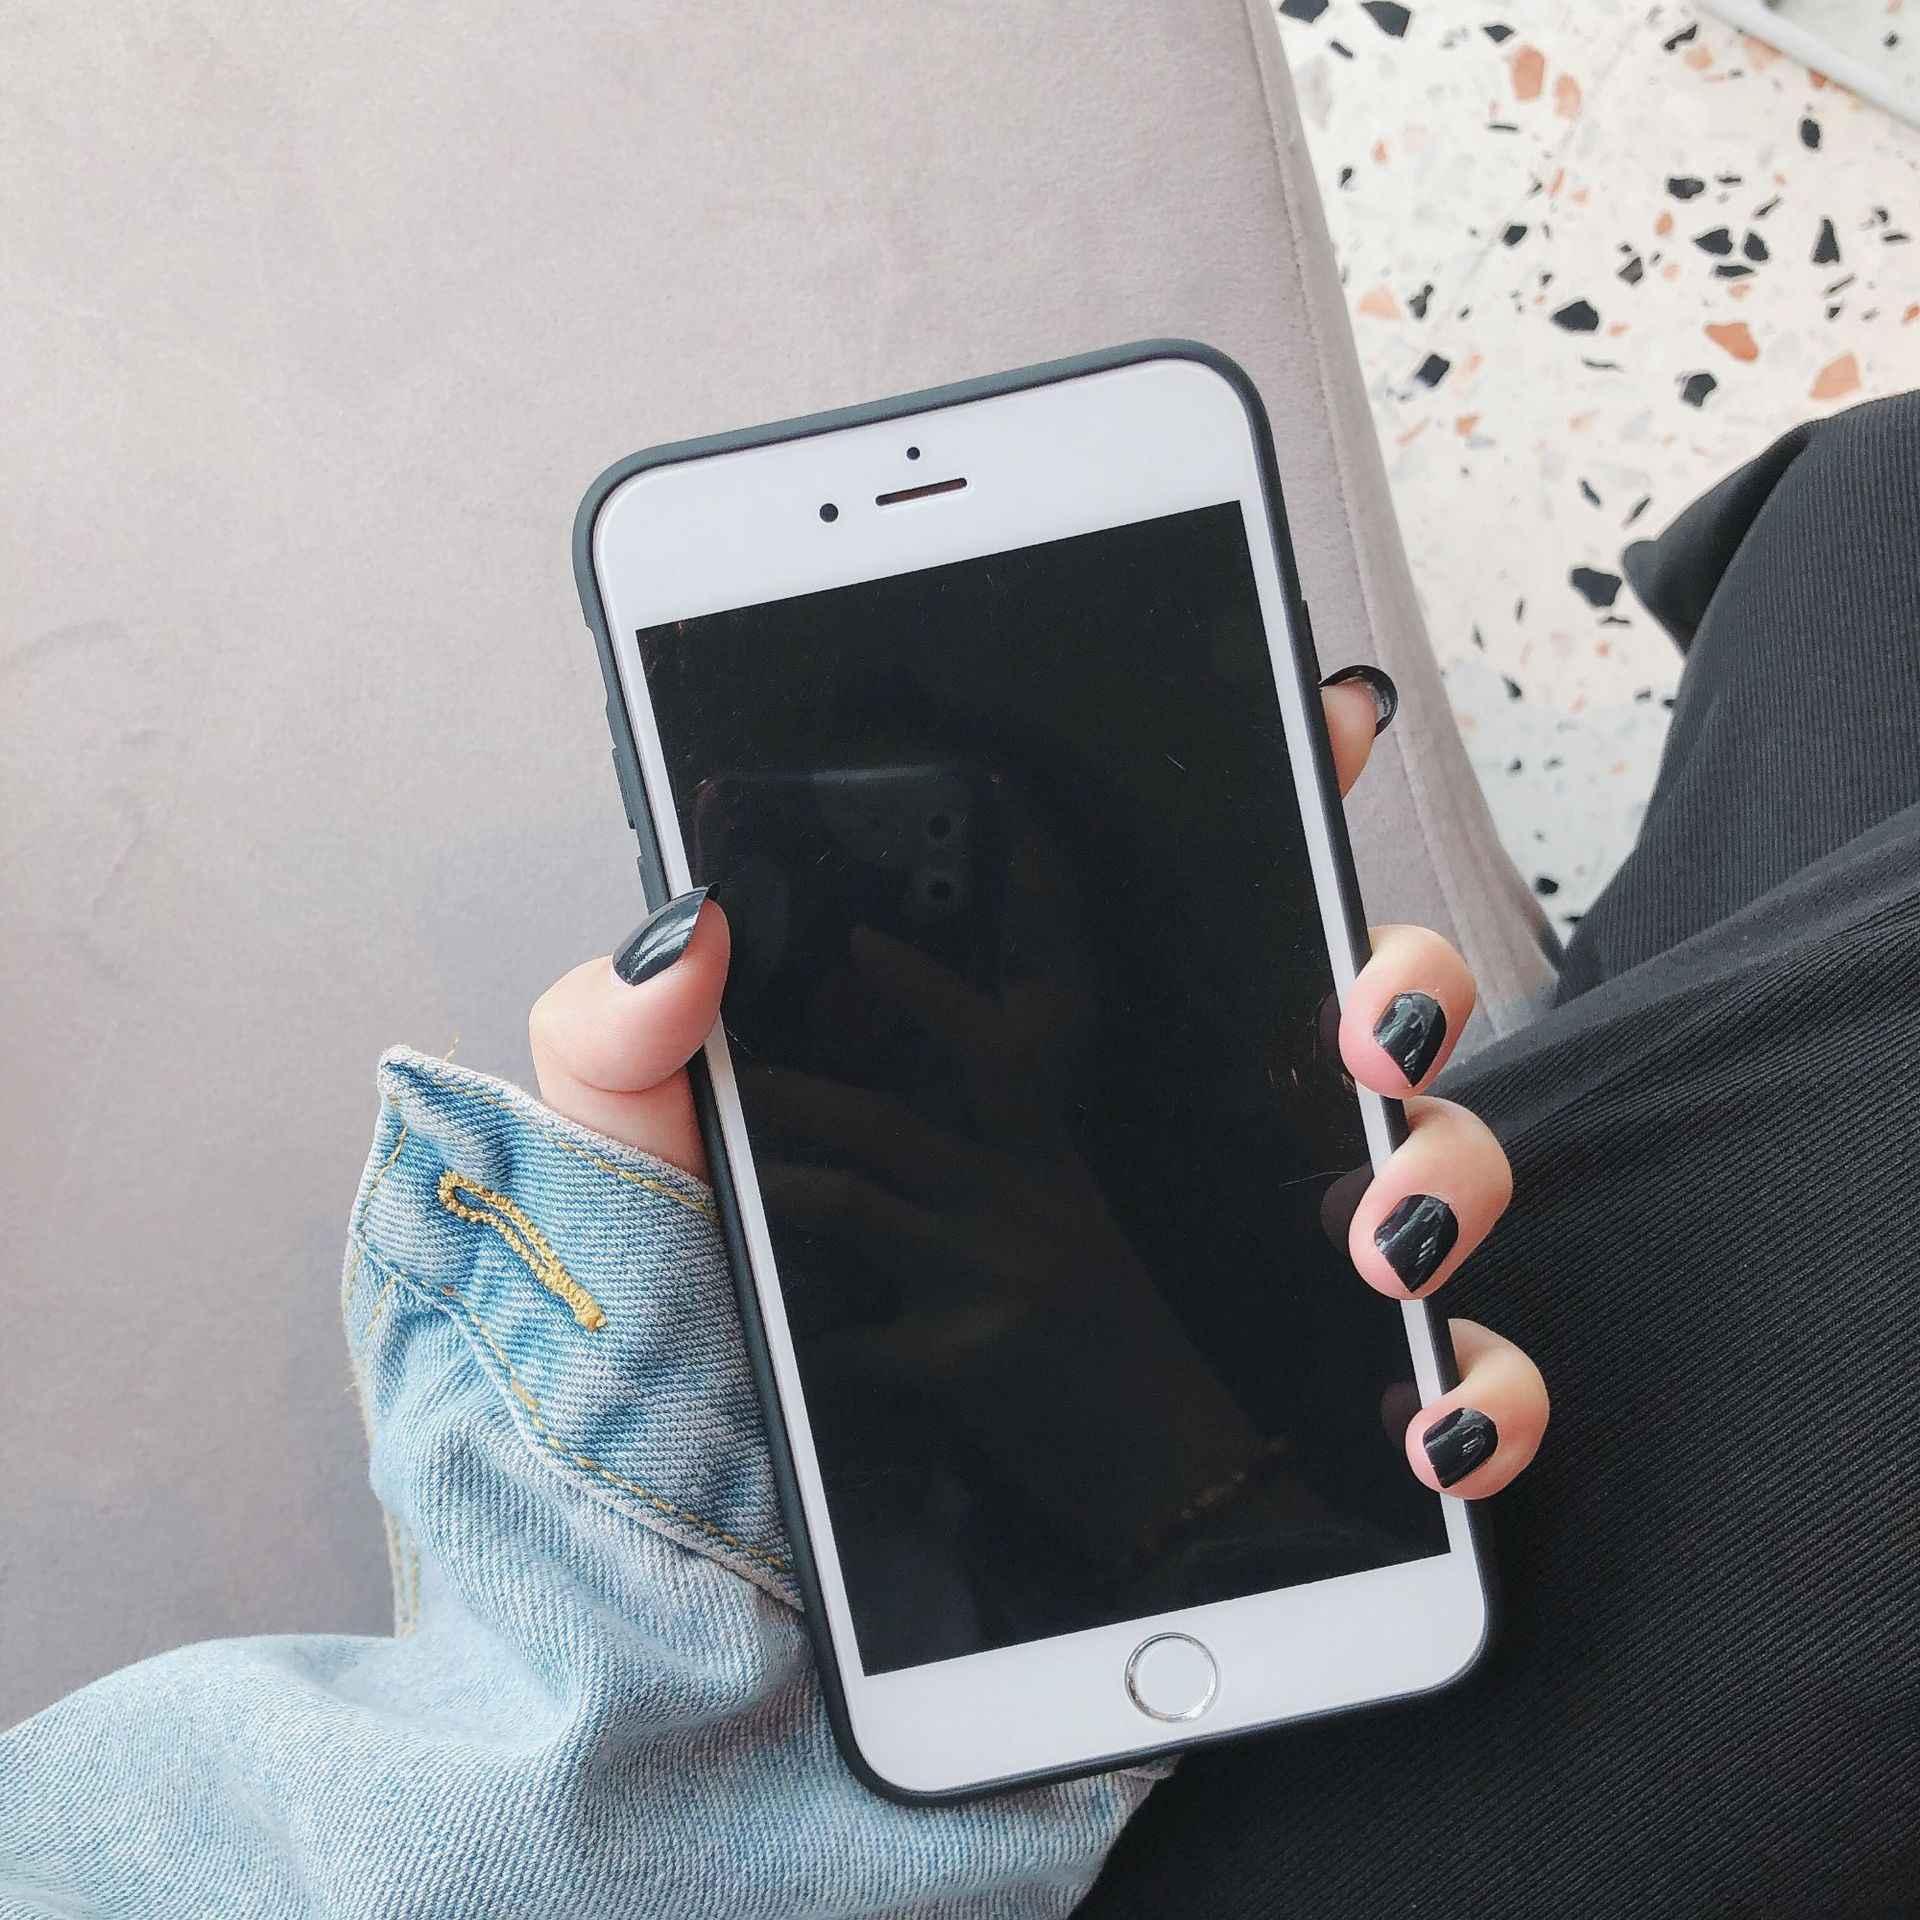 المد العلامة التجارية ورقة موز رسائل آيفون 7 Plus 8 6 6s X XS ماكس XR الحال بالنسبة iPhone7/8 plus سيليكون مكافحة الإفلات XR6s